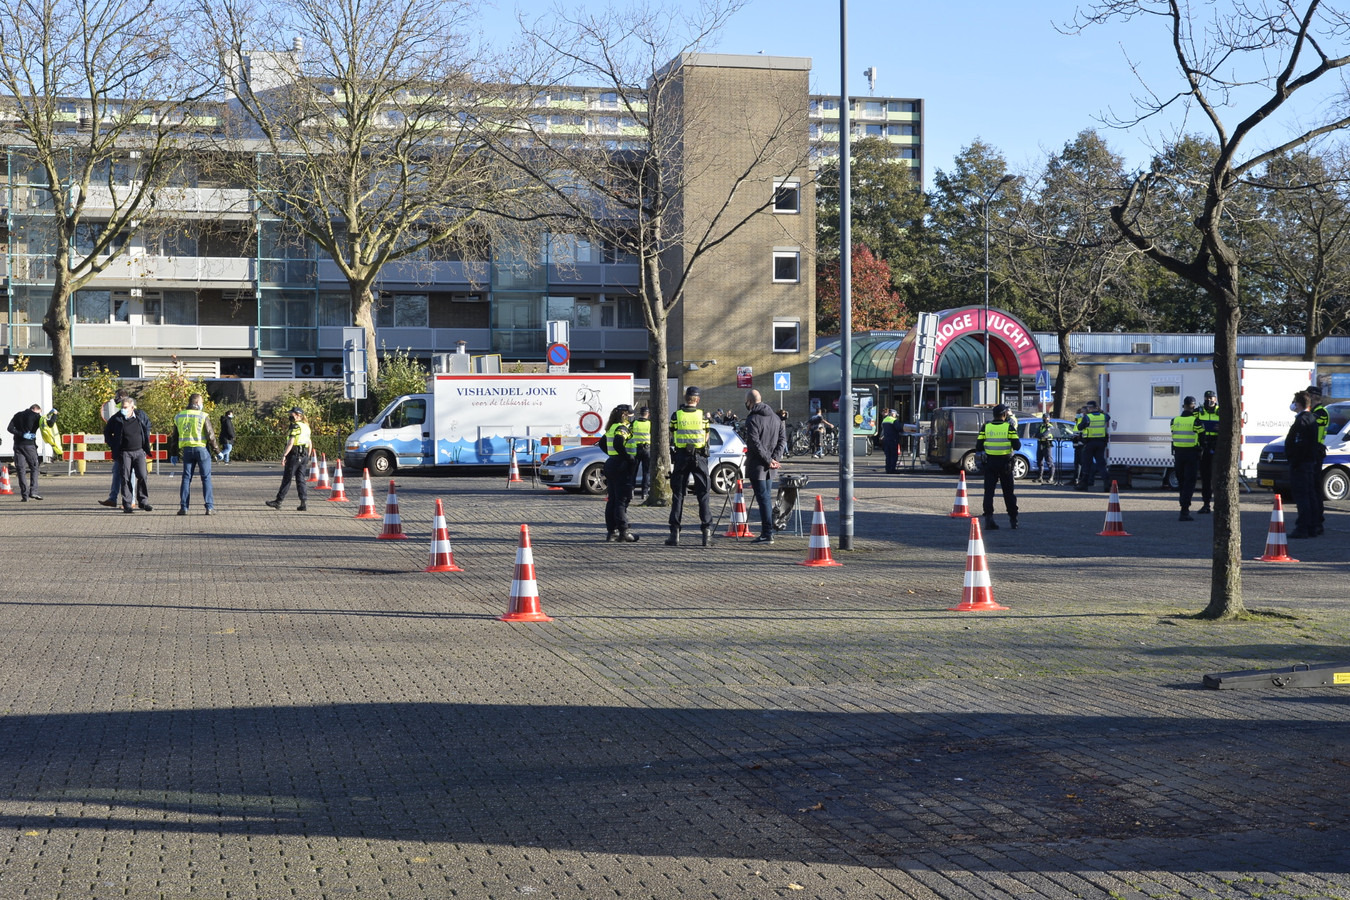 Grote controle door politie, Belastingdienst en douane op de parkeerplaats van winkelcentrum de Hoge Vucht.